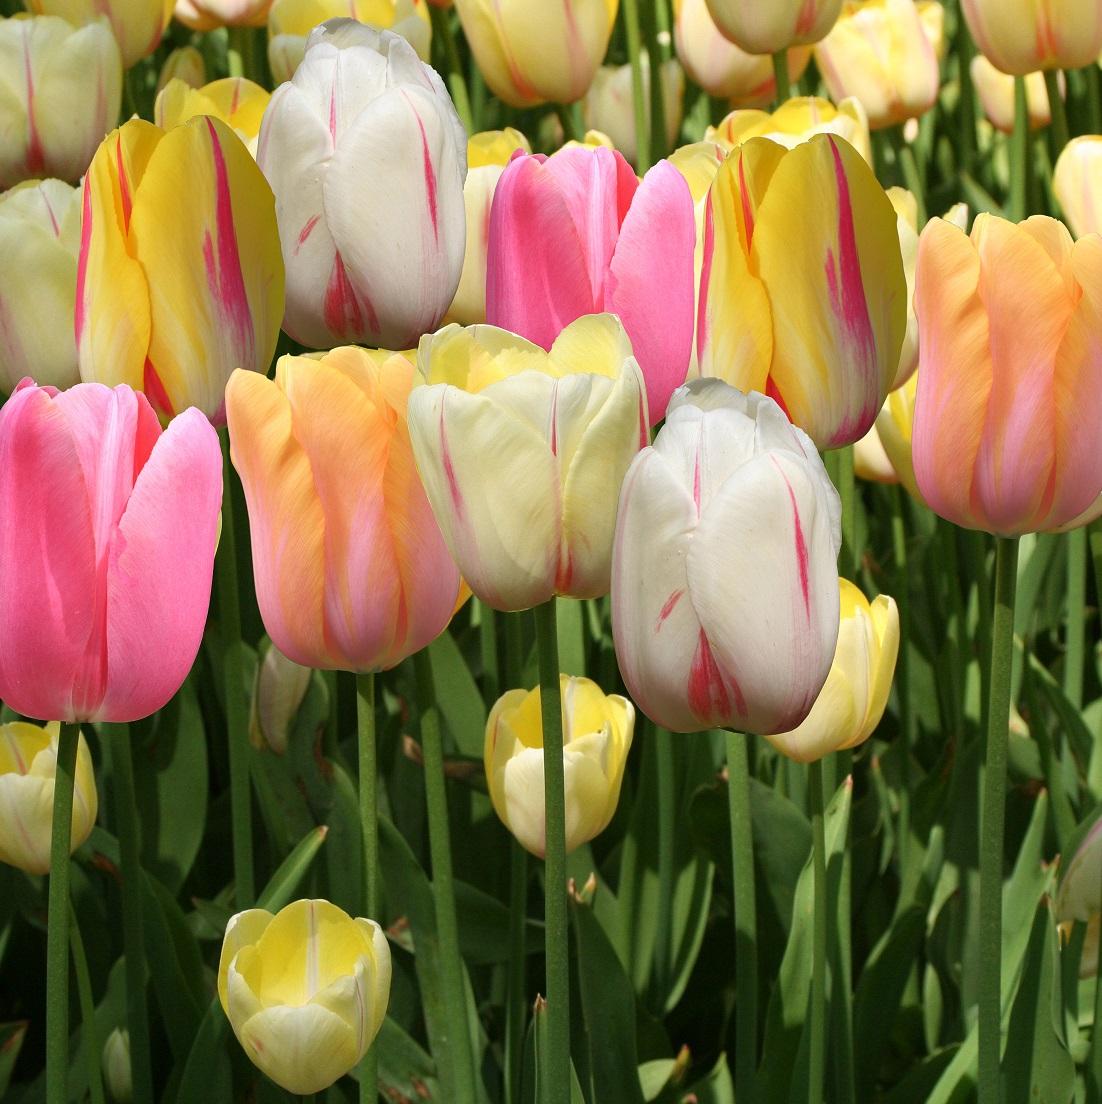 Jardin Ampoules Lot De 2 20 Tulipes À Fleurs De Pivoine En ... destiné Bordure Caoutchouc Jardin